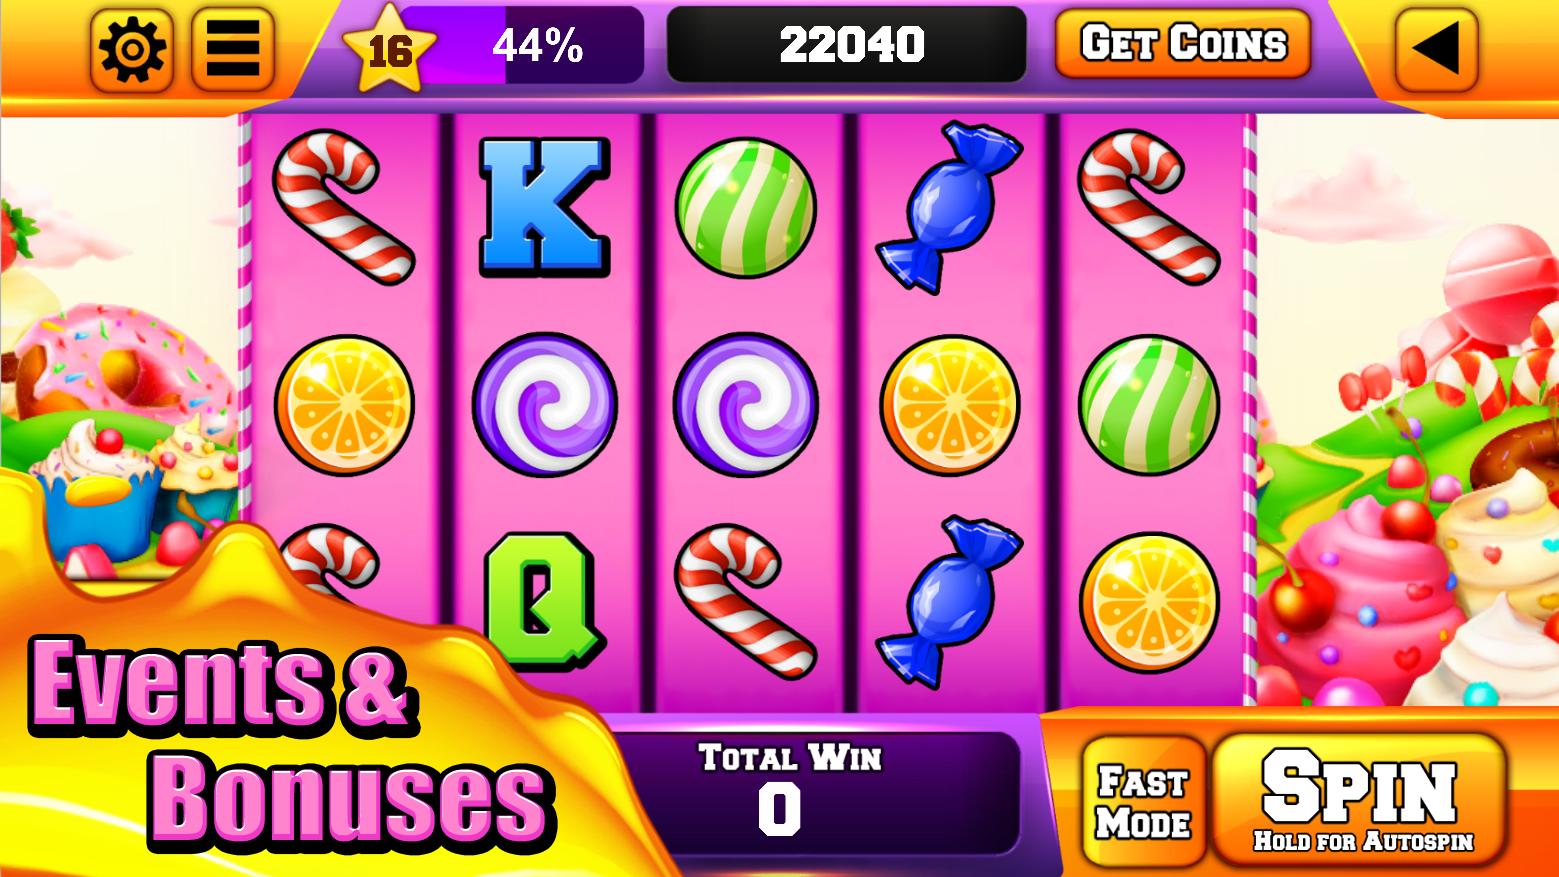 Rumble Rumble Slots - Free Slot Machine Game for Mobile & Desktop